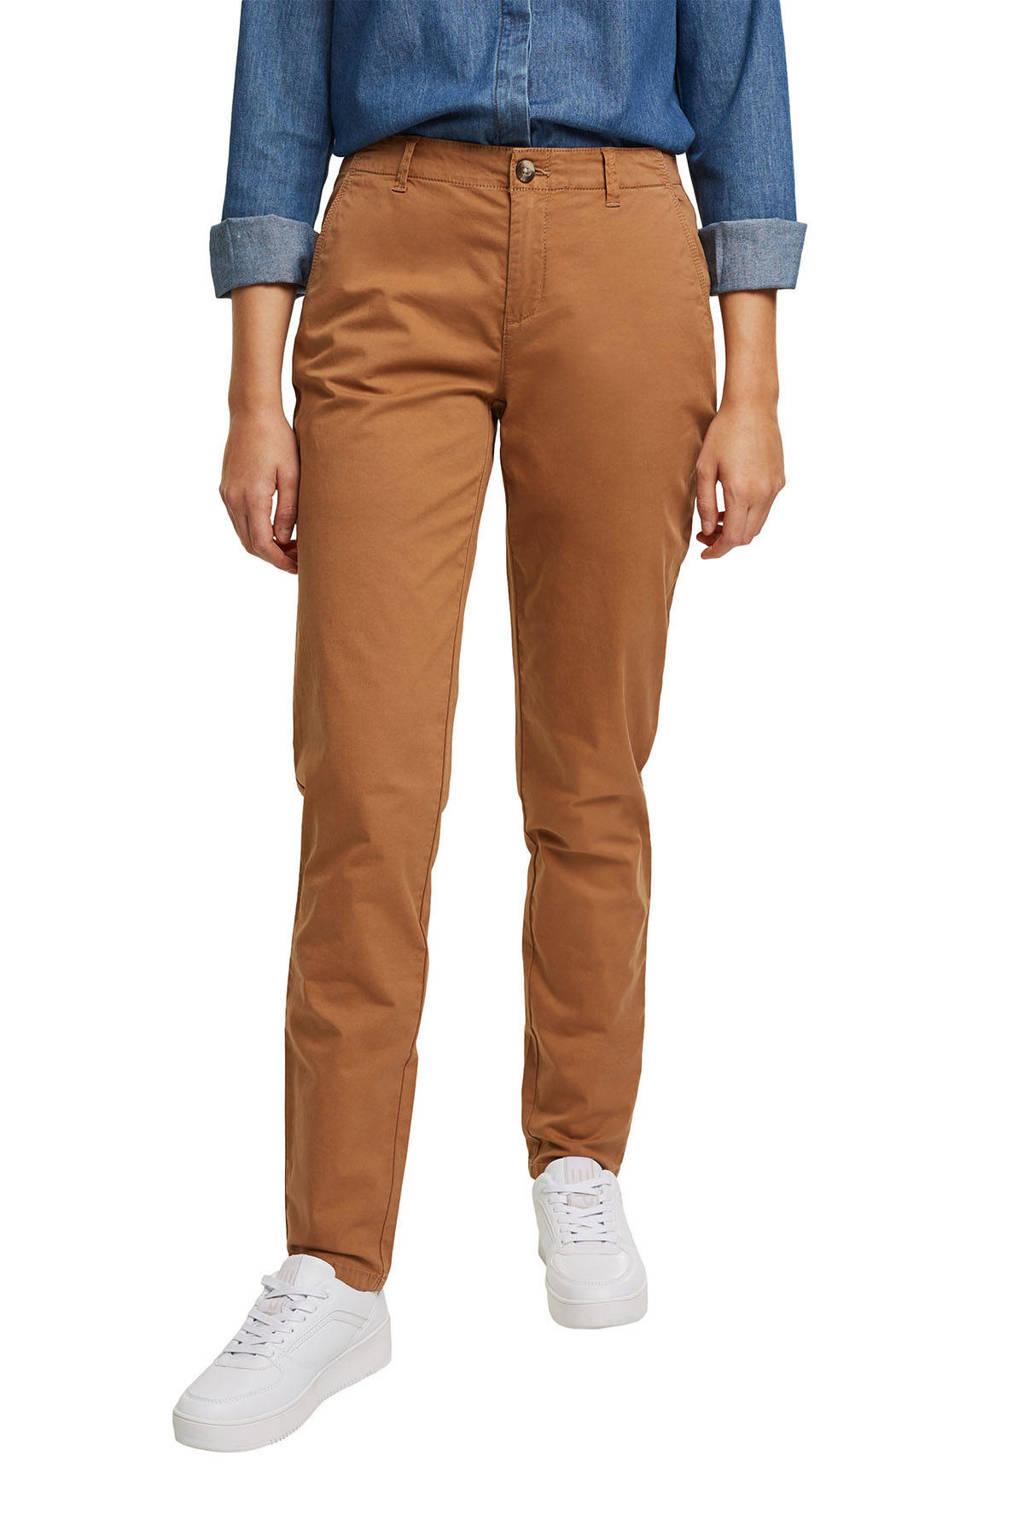 edc Women regular fit broek met biologisch katoen bruin, Bruin